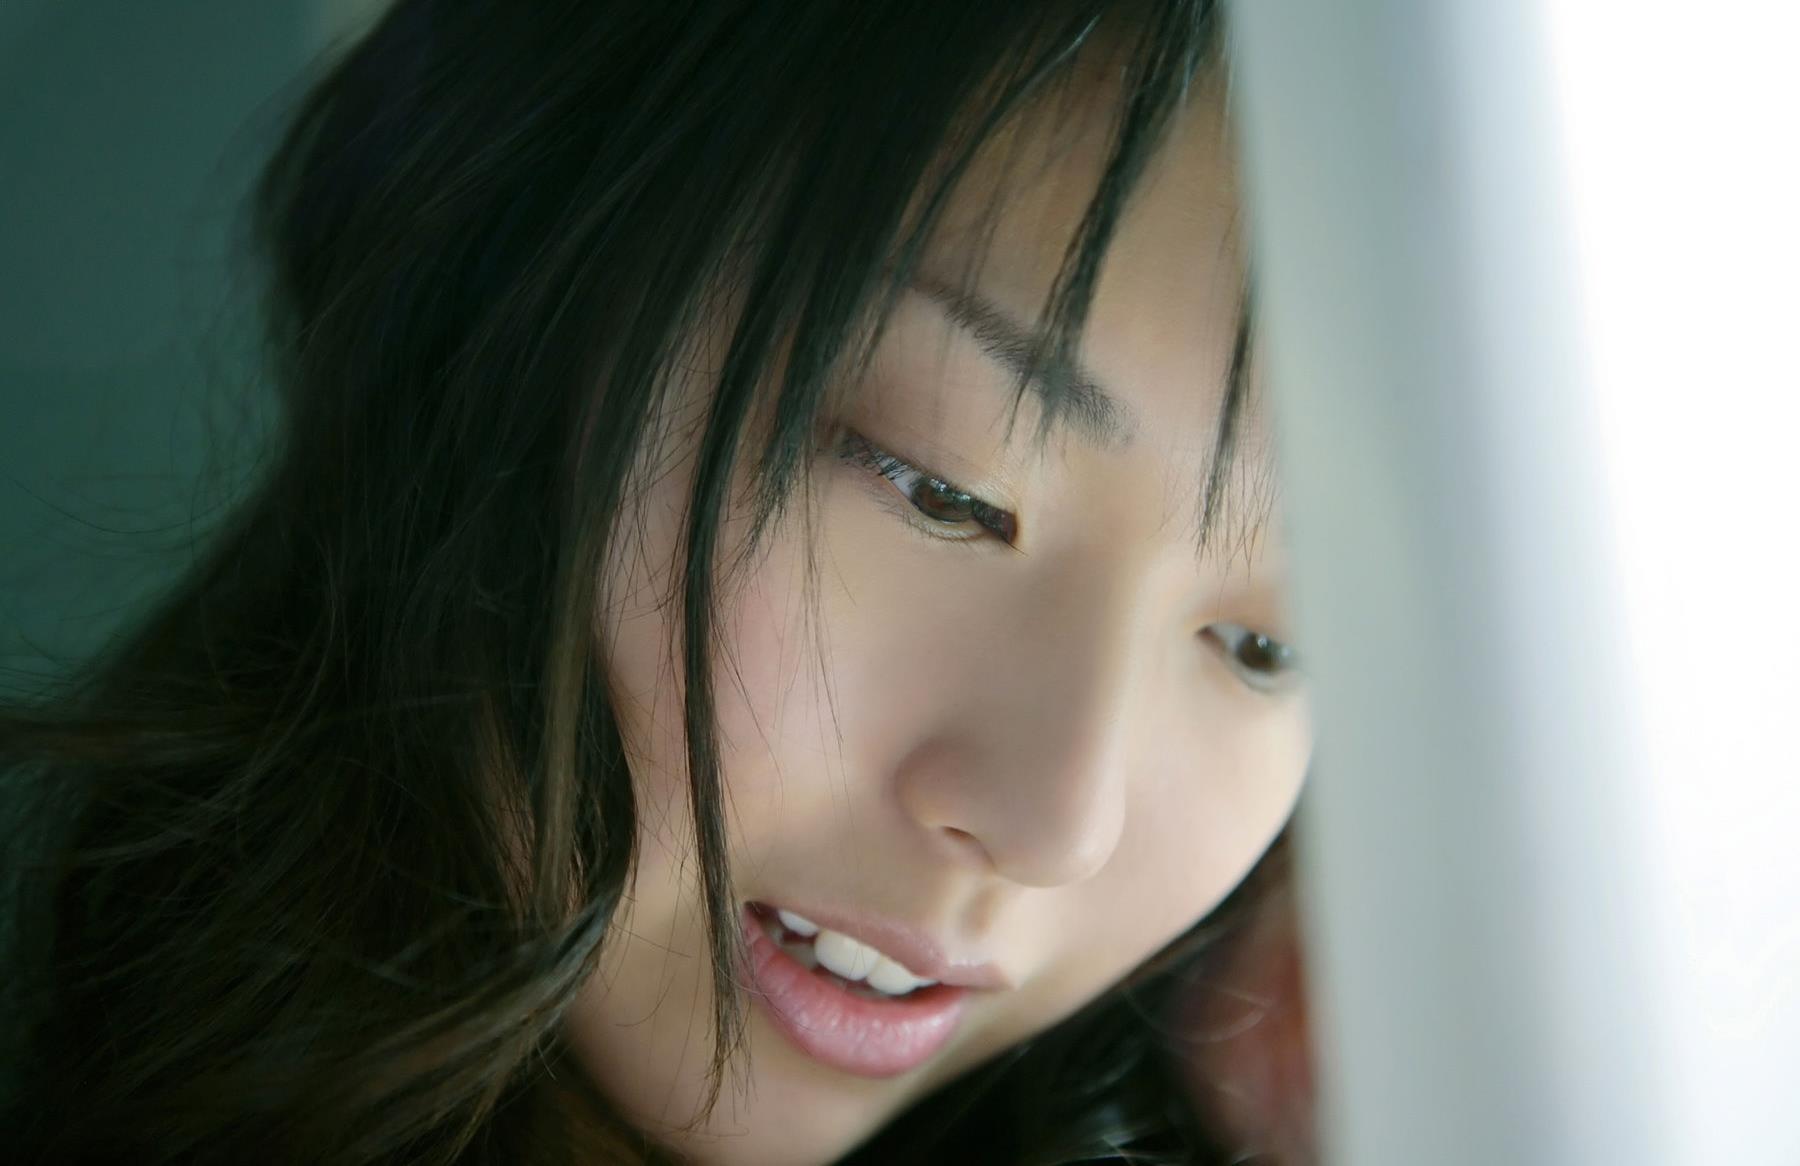 戸田恵梨香 エロ画像 66